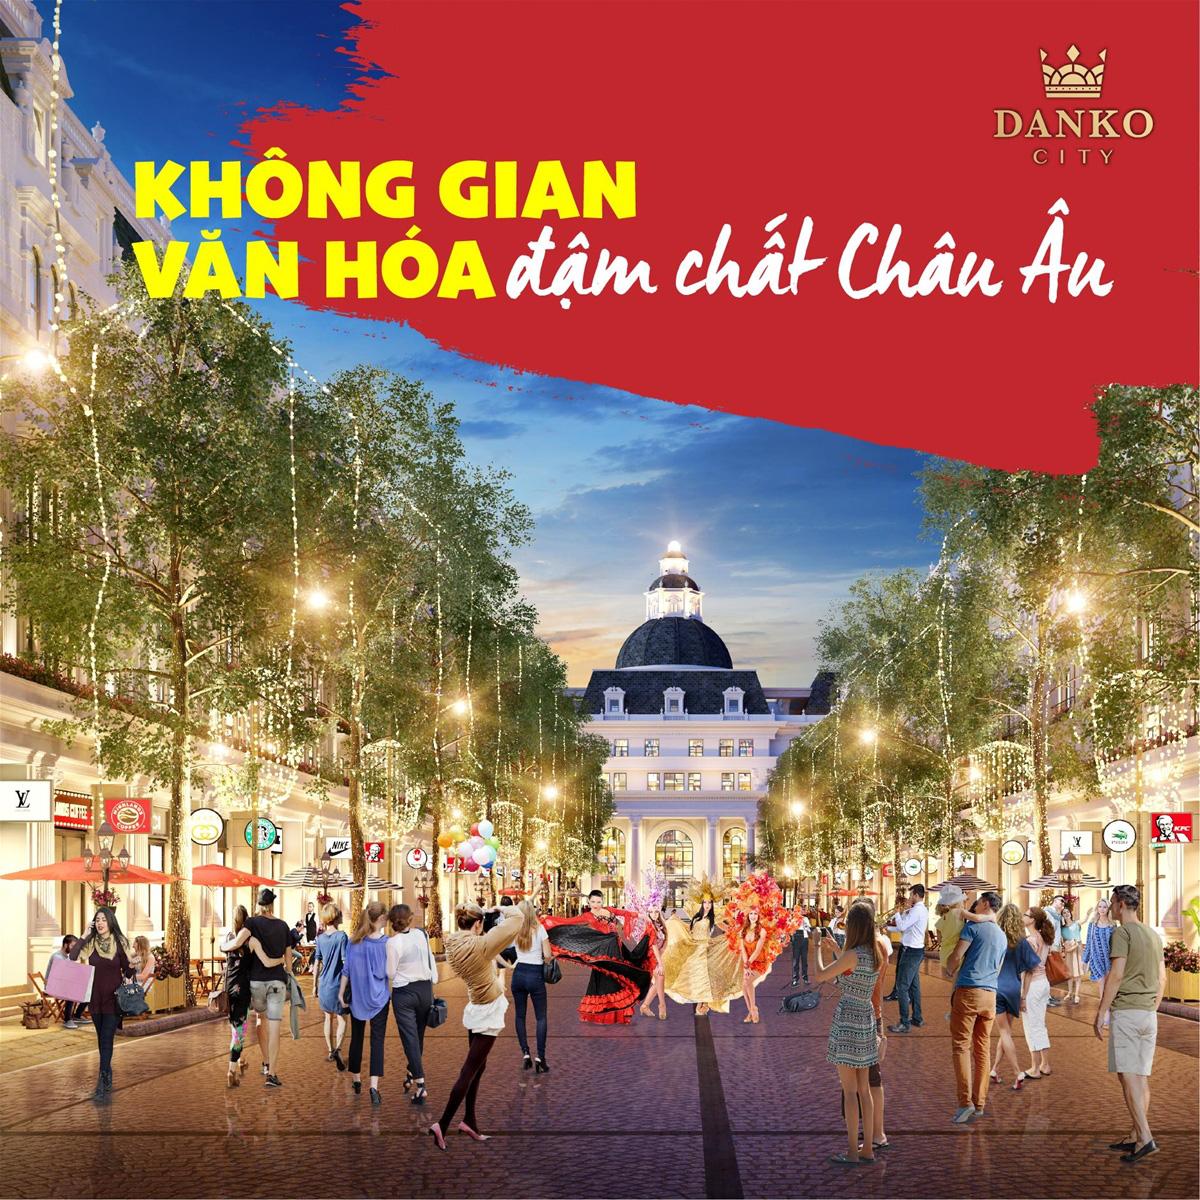 Danko Square - Không gian hội chợ châu Âu ngay tại Việt Nam - Ảnh 7.